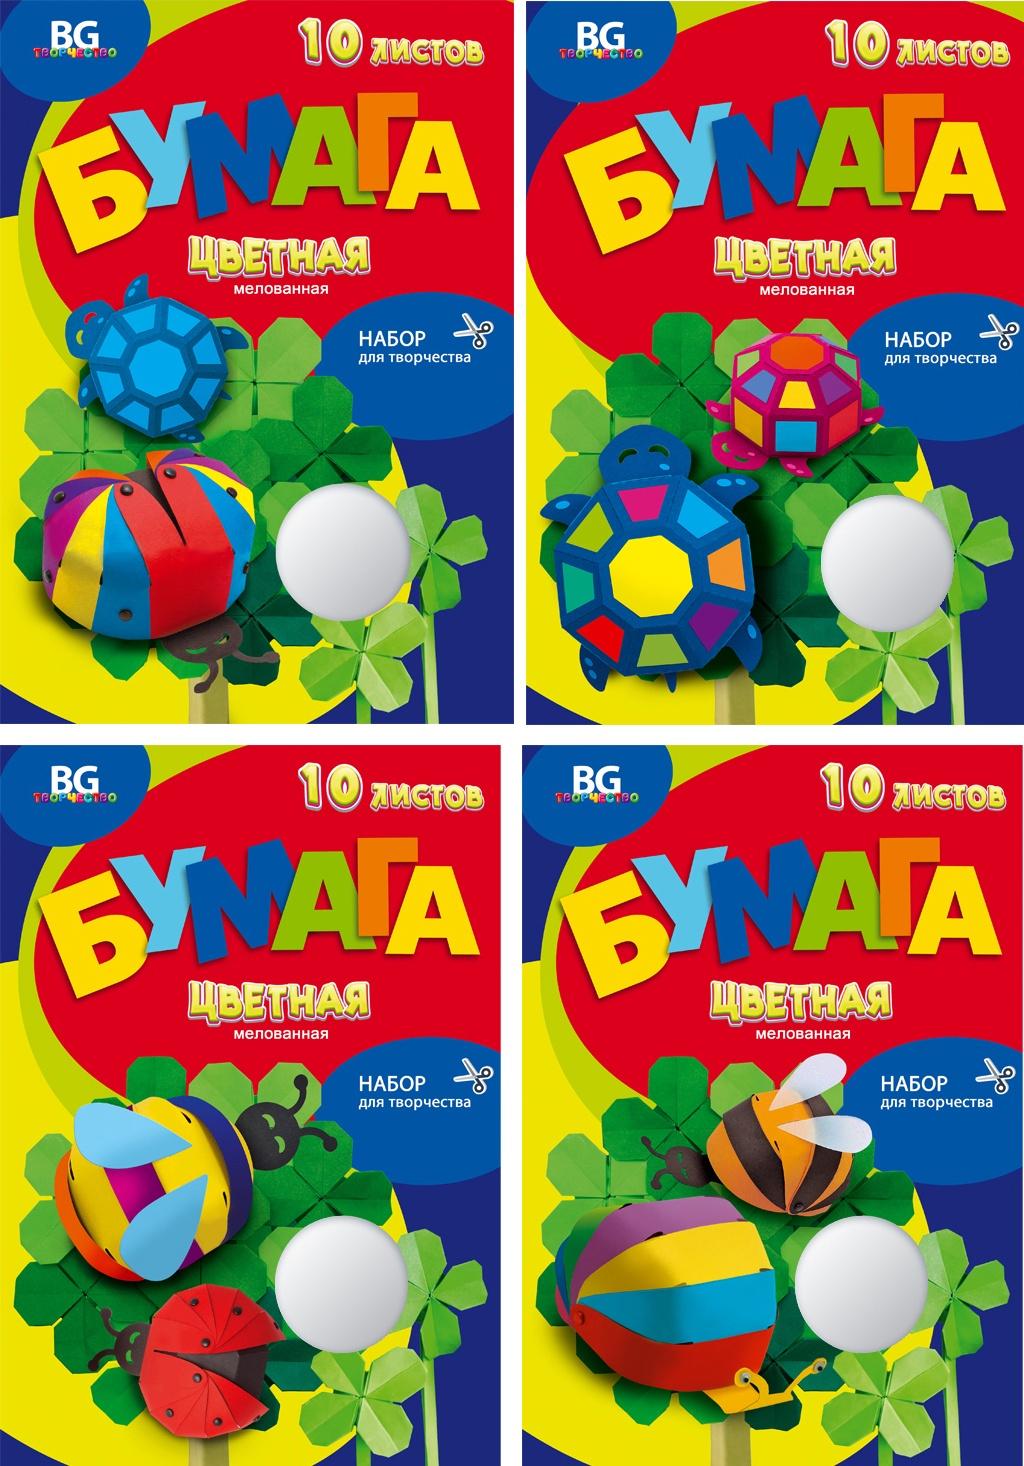 Набор цветной мелованной бумаги BG формата А4 в папке, 10 листов